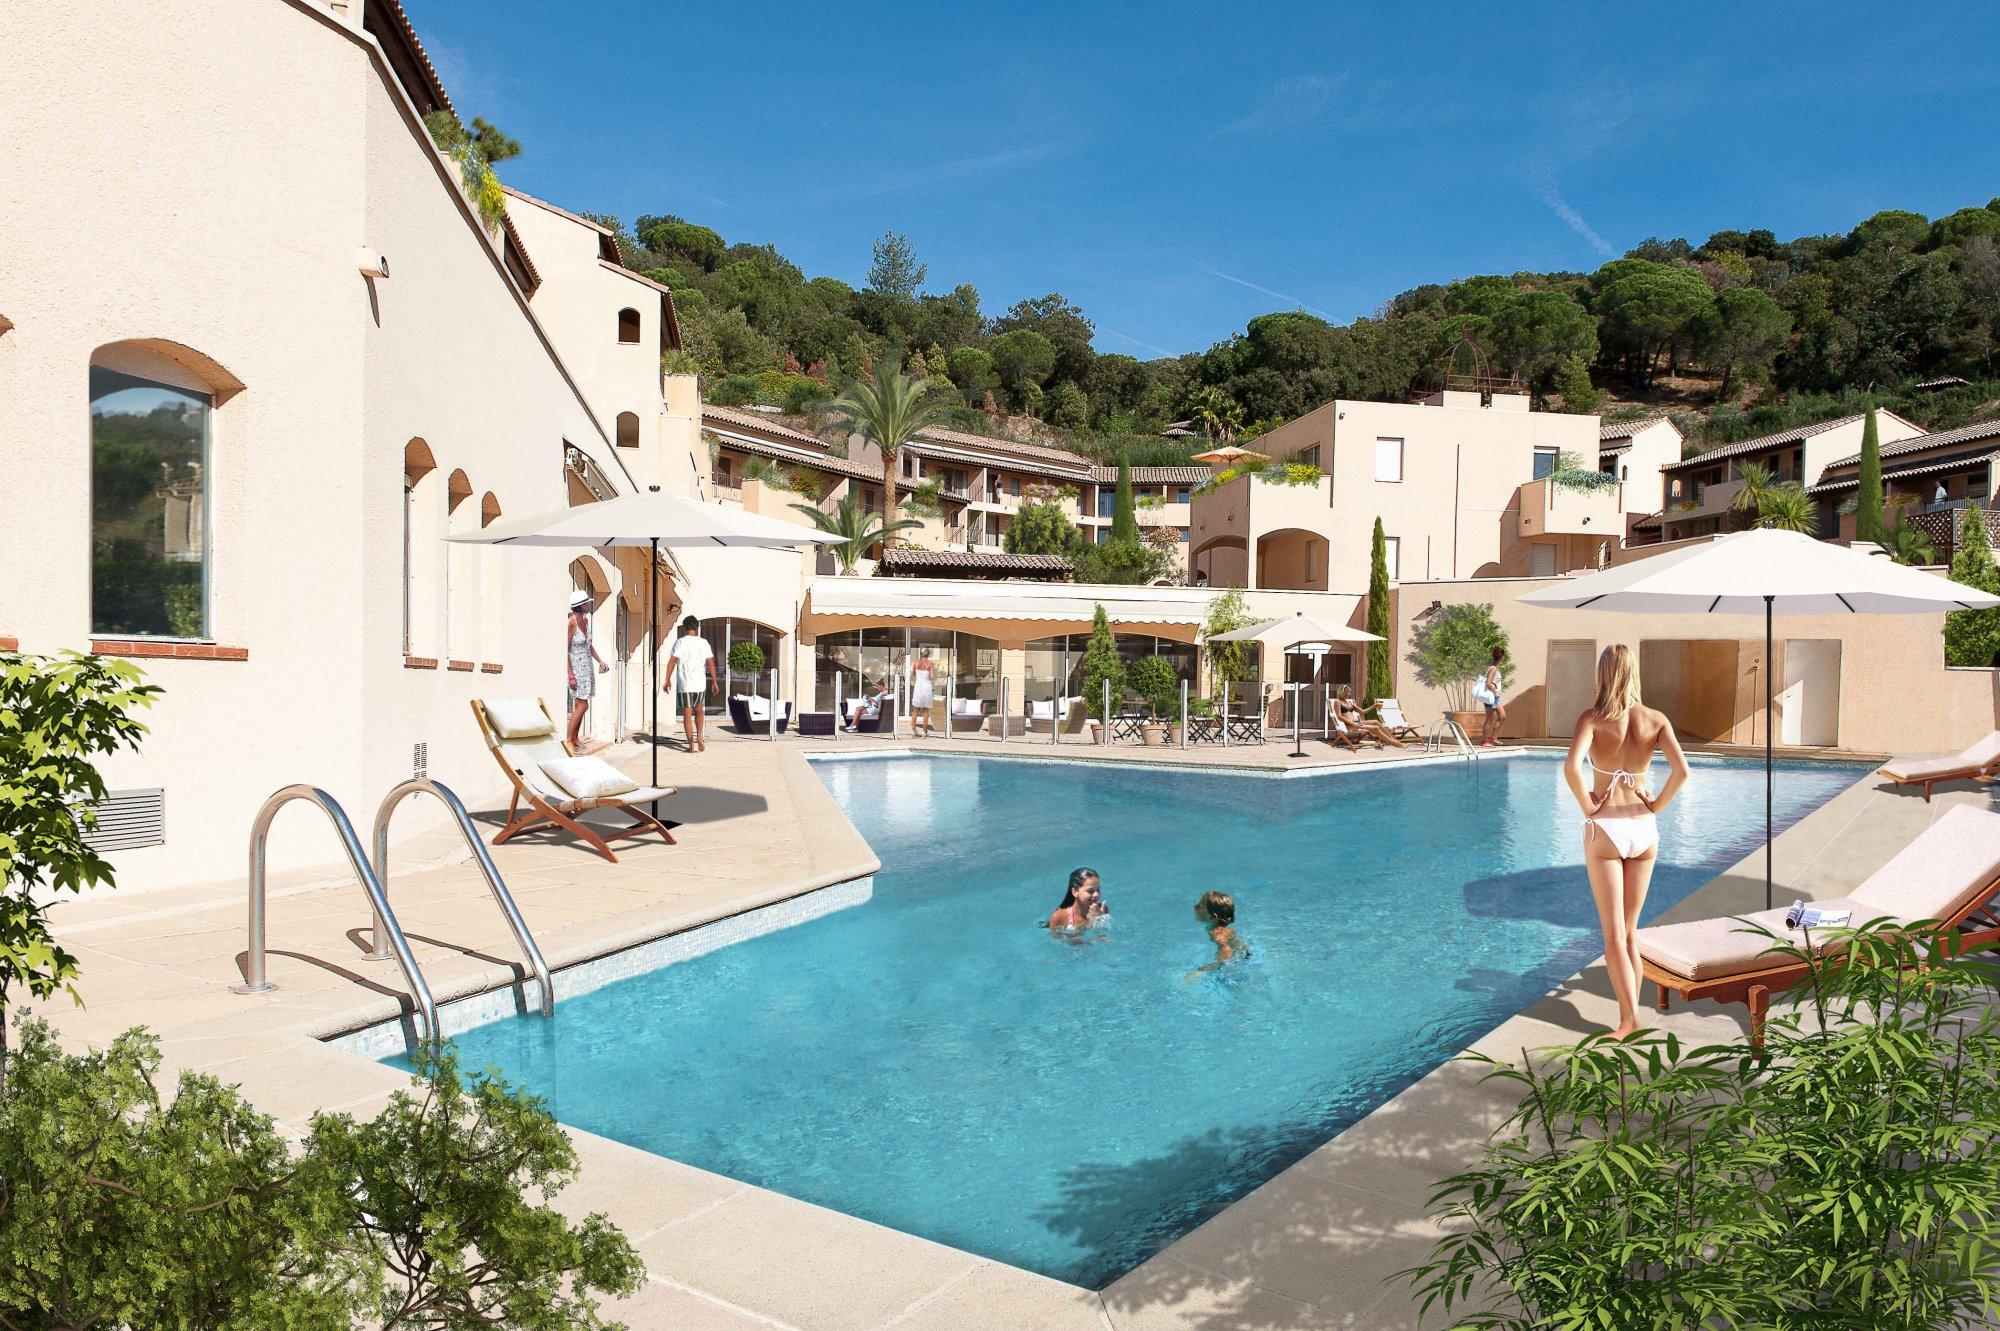 Programme immobilier EDO9 appartement à La Croix Valmer (83420) Résidence nichée dans les collines